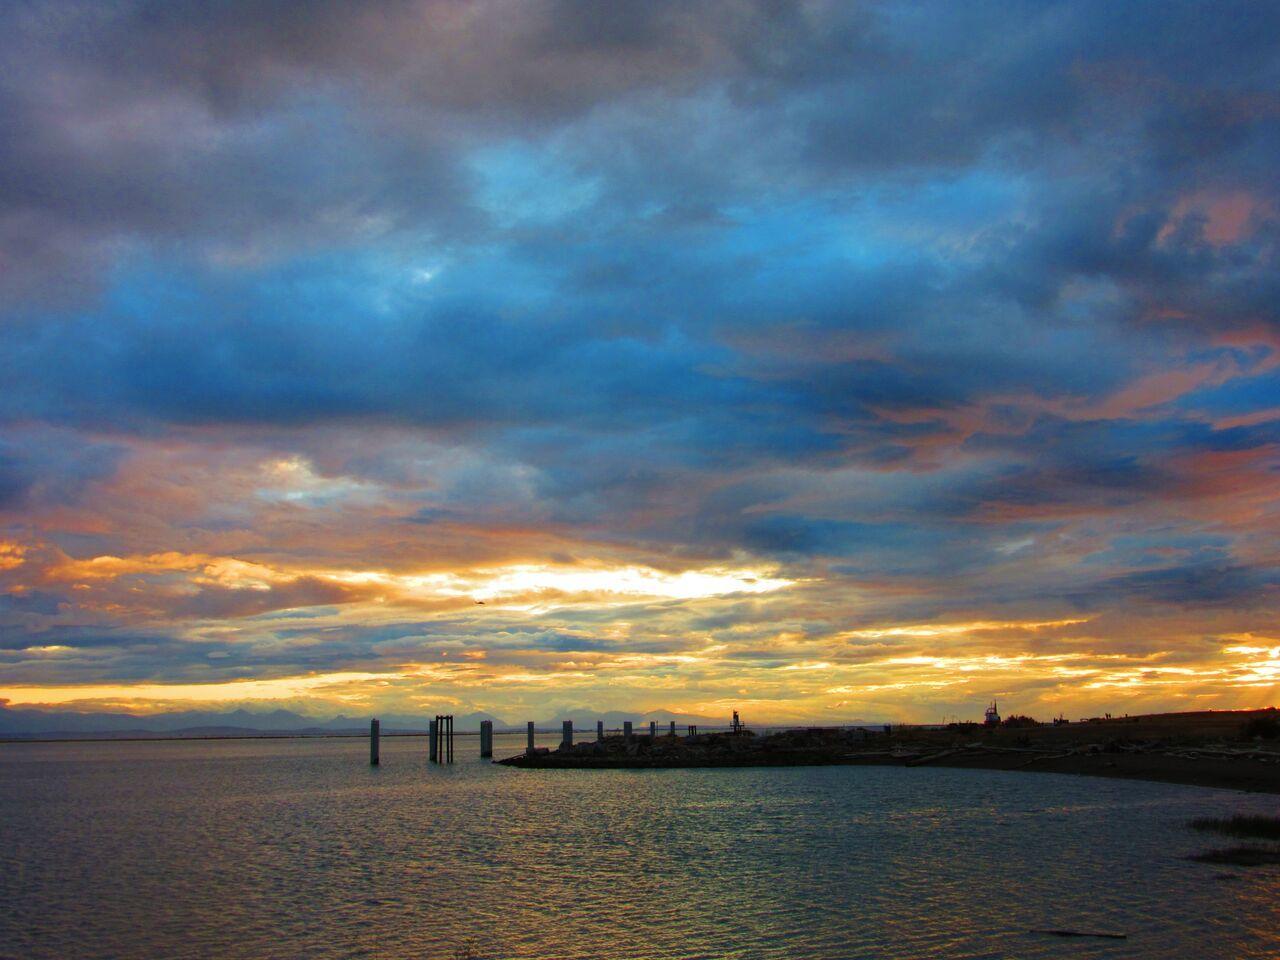 Garry Point Richmond Point richmond, Clouds, Scenery